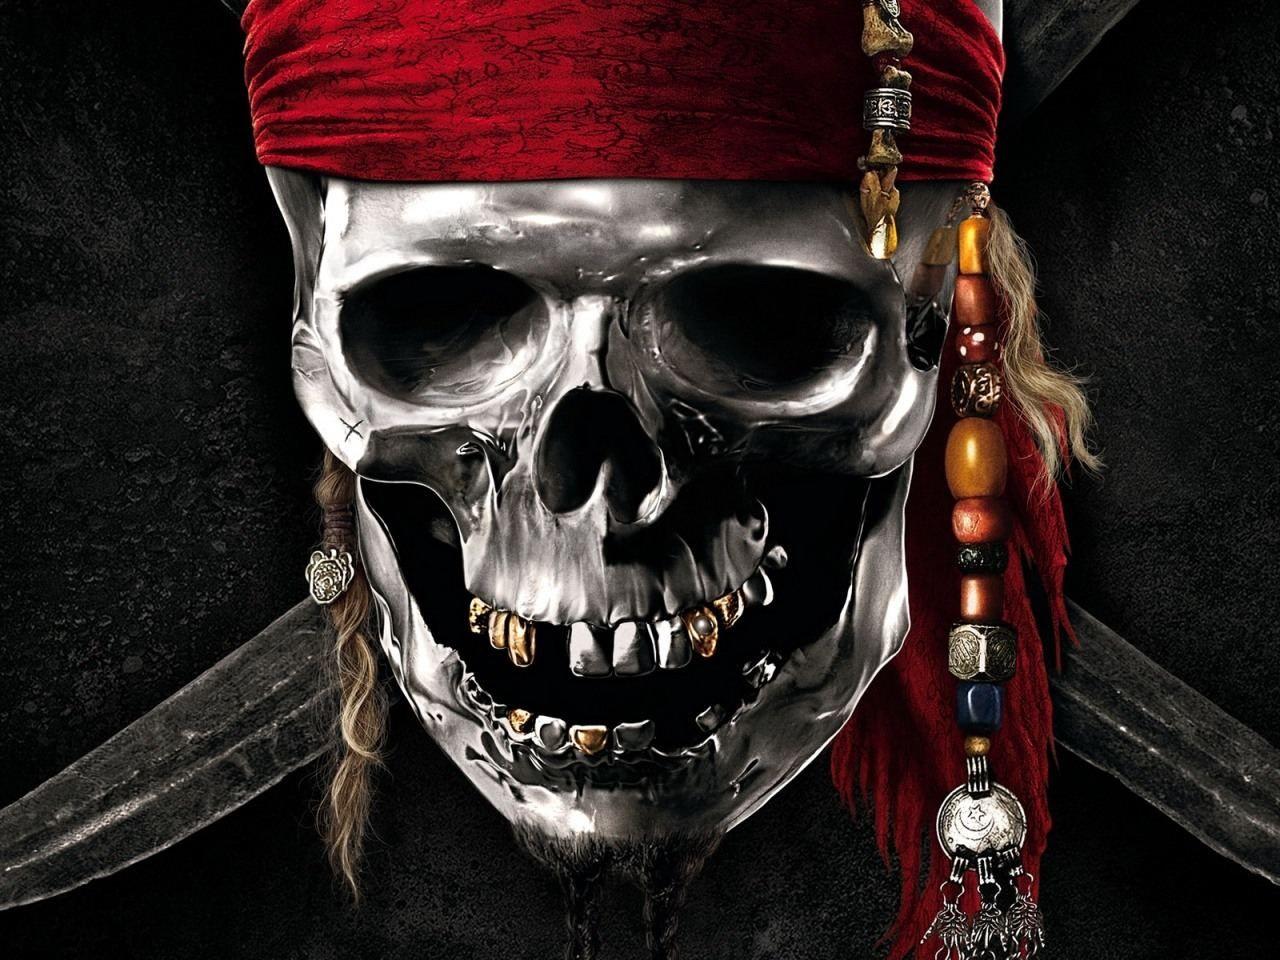 Skulls Wallpaper 3d Free Widescreen Hd Wallpaper Skull Wallpaper Pirate Pictures Hd Skull Wallpapers